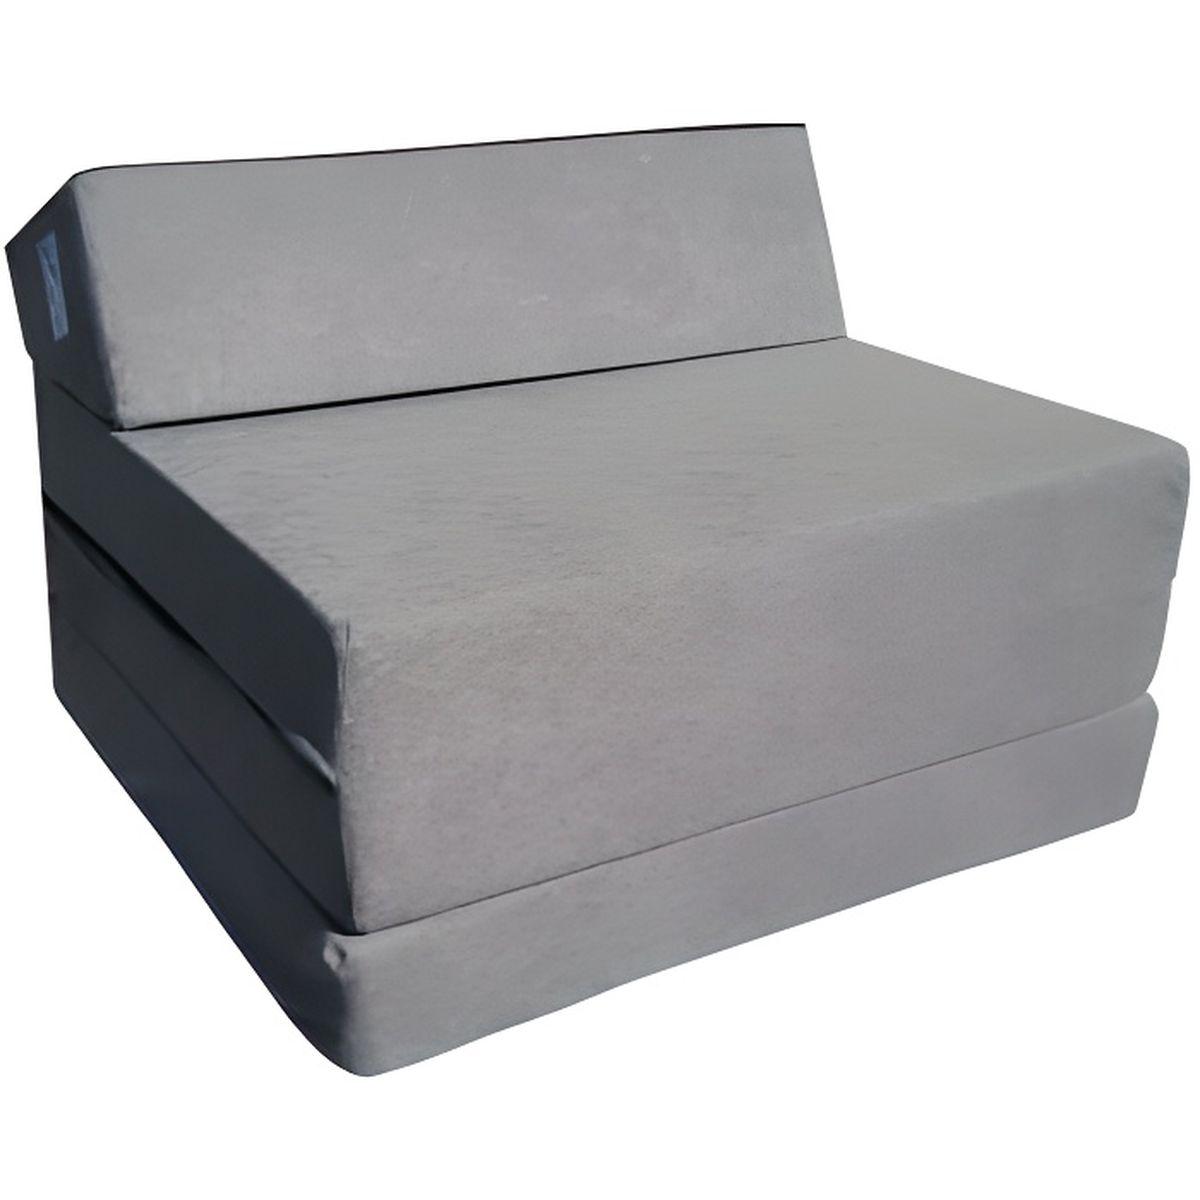 lit fauteuil achat vente lit fauteuil pas cher soldes d s le 10 janvier cdiscount. Black Bedroom Furniture Sets. Home Design Ideas